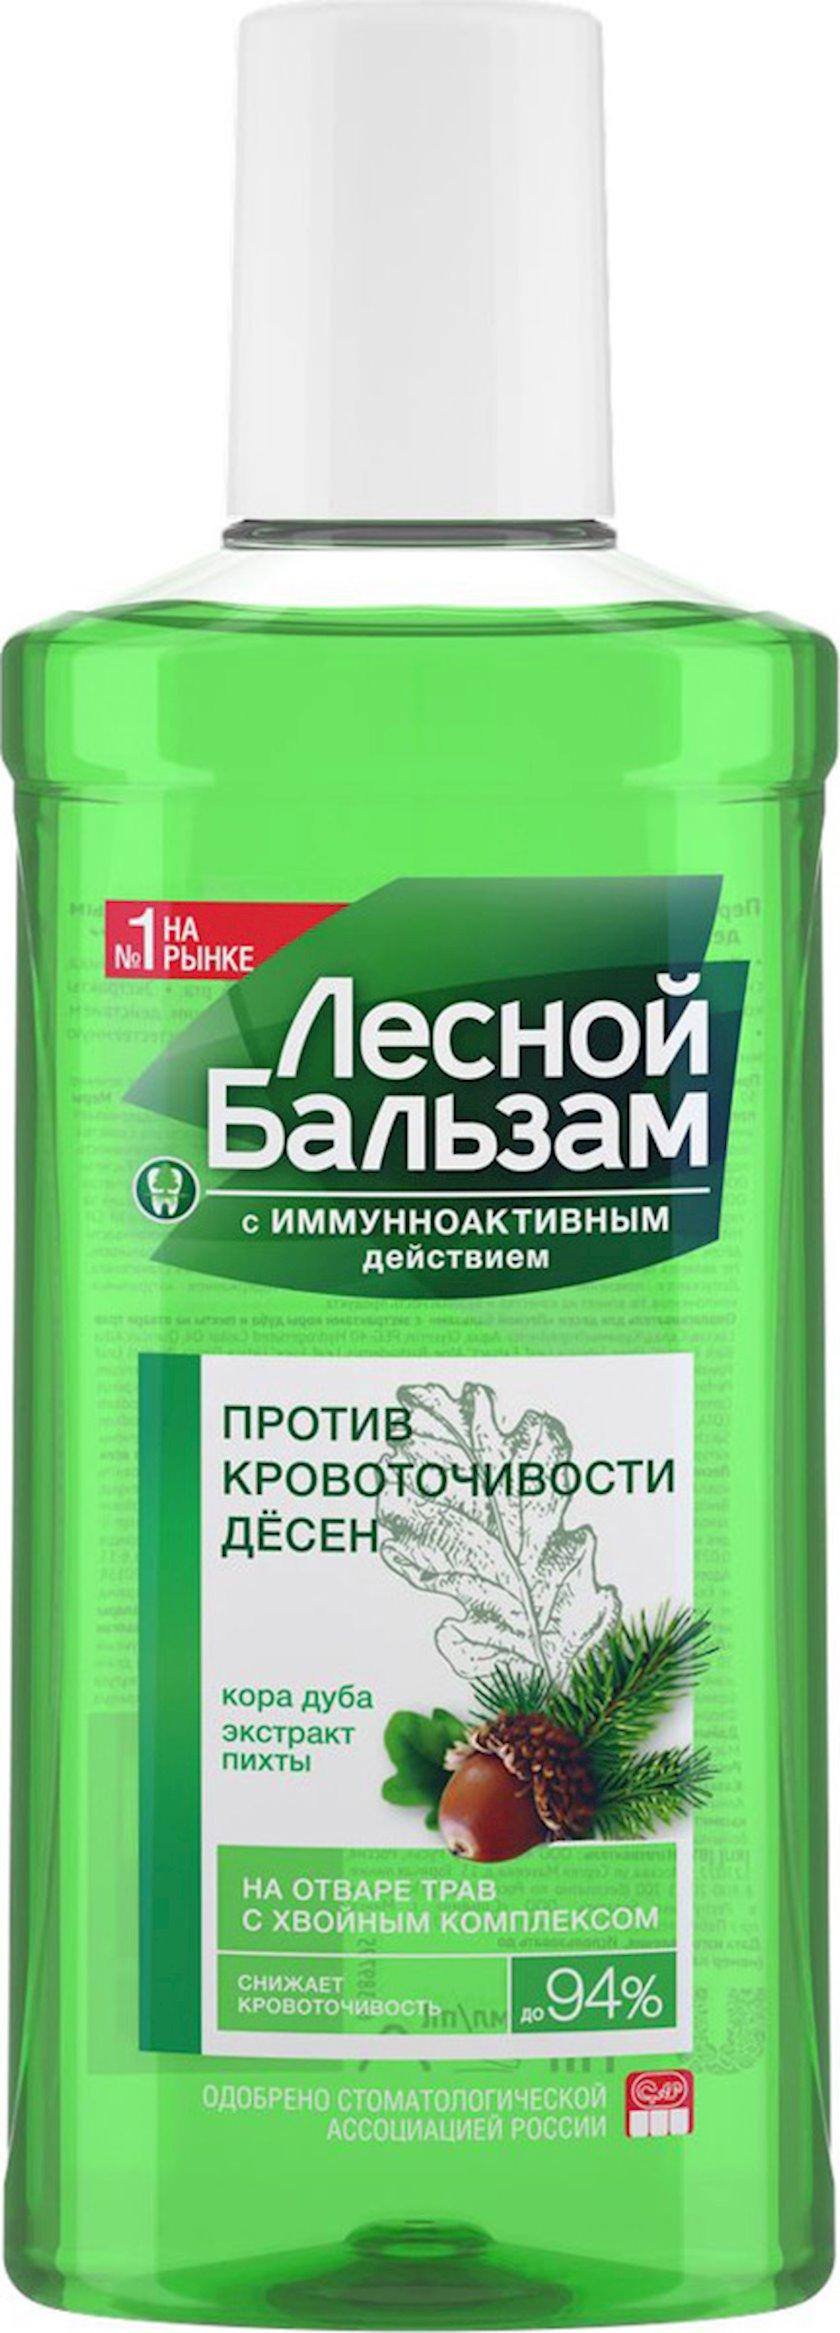 Ağız boşluğu yaxalayıcısı Лесной бальзам palıd qabığı və küknar ekstraktı bitki tərkibli, 250 ml